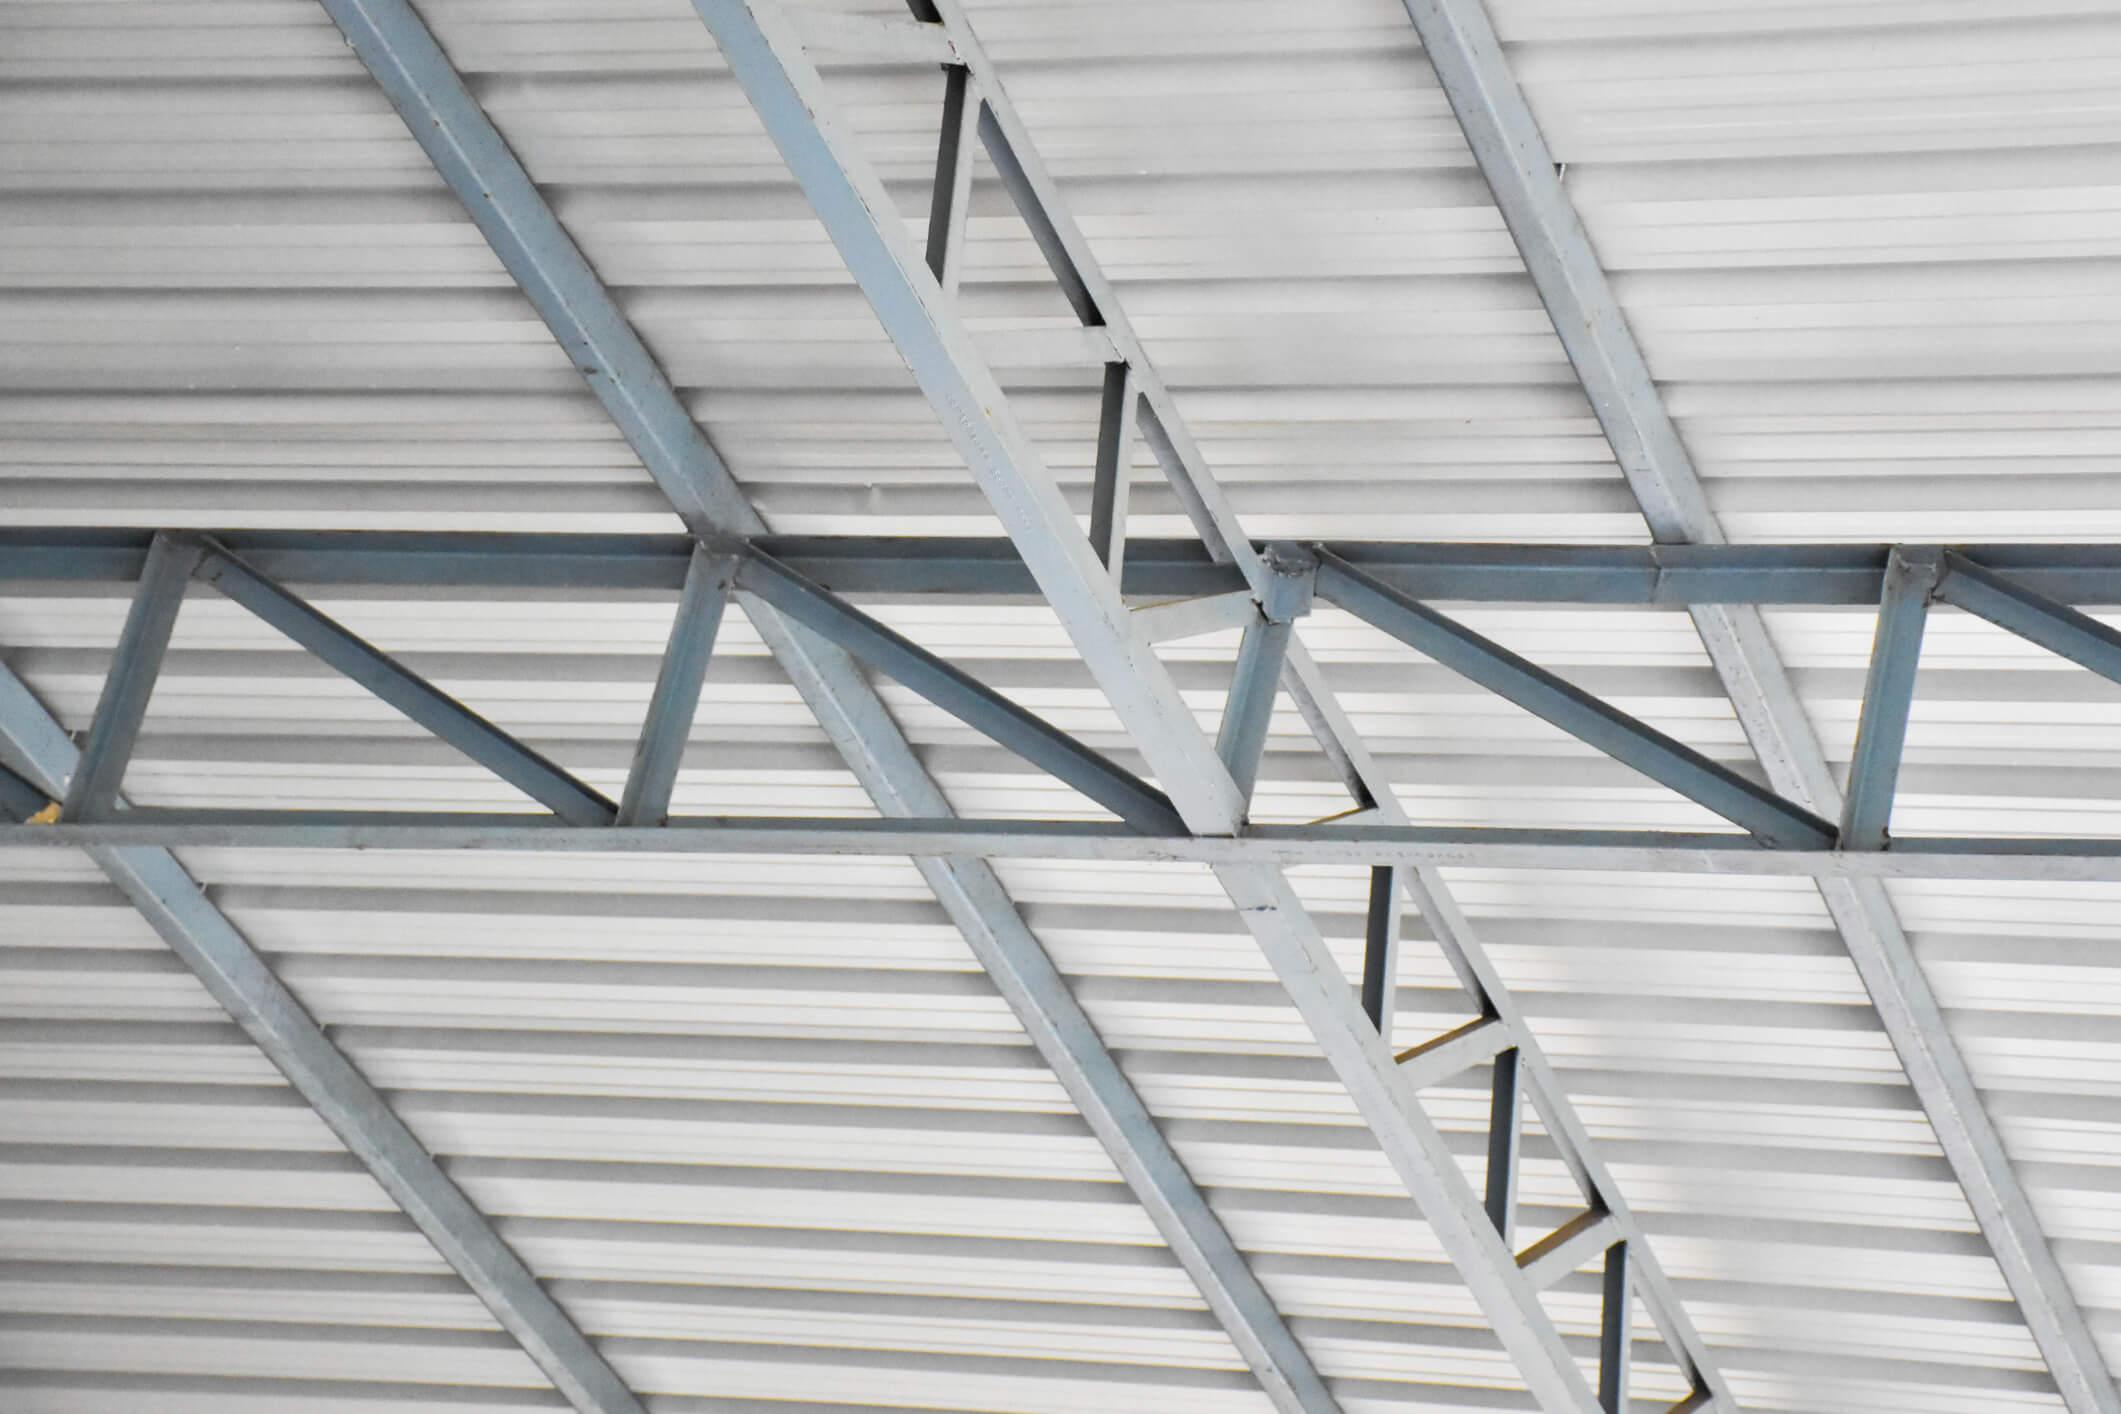 Descubra quais são os diferenciais da telha multidobra!